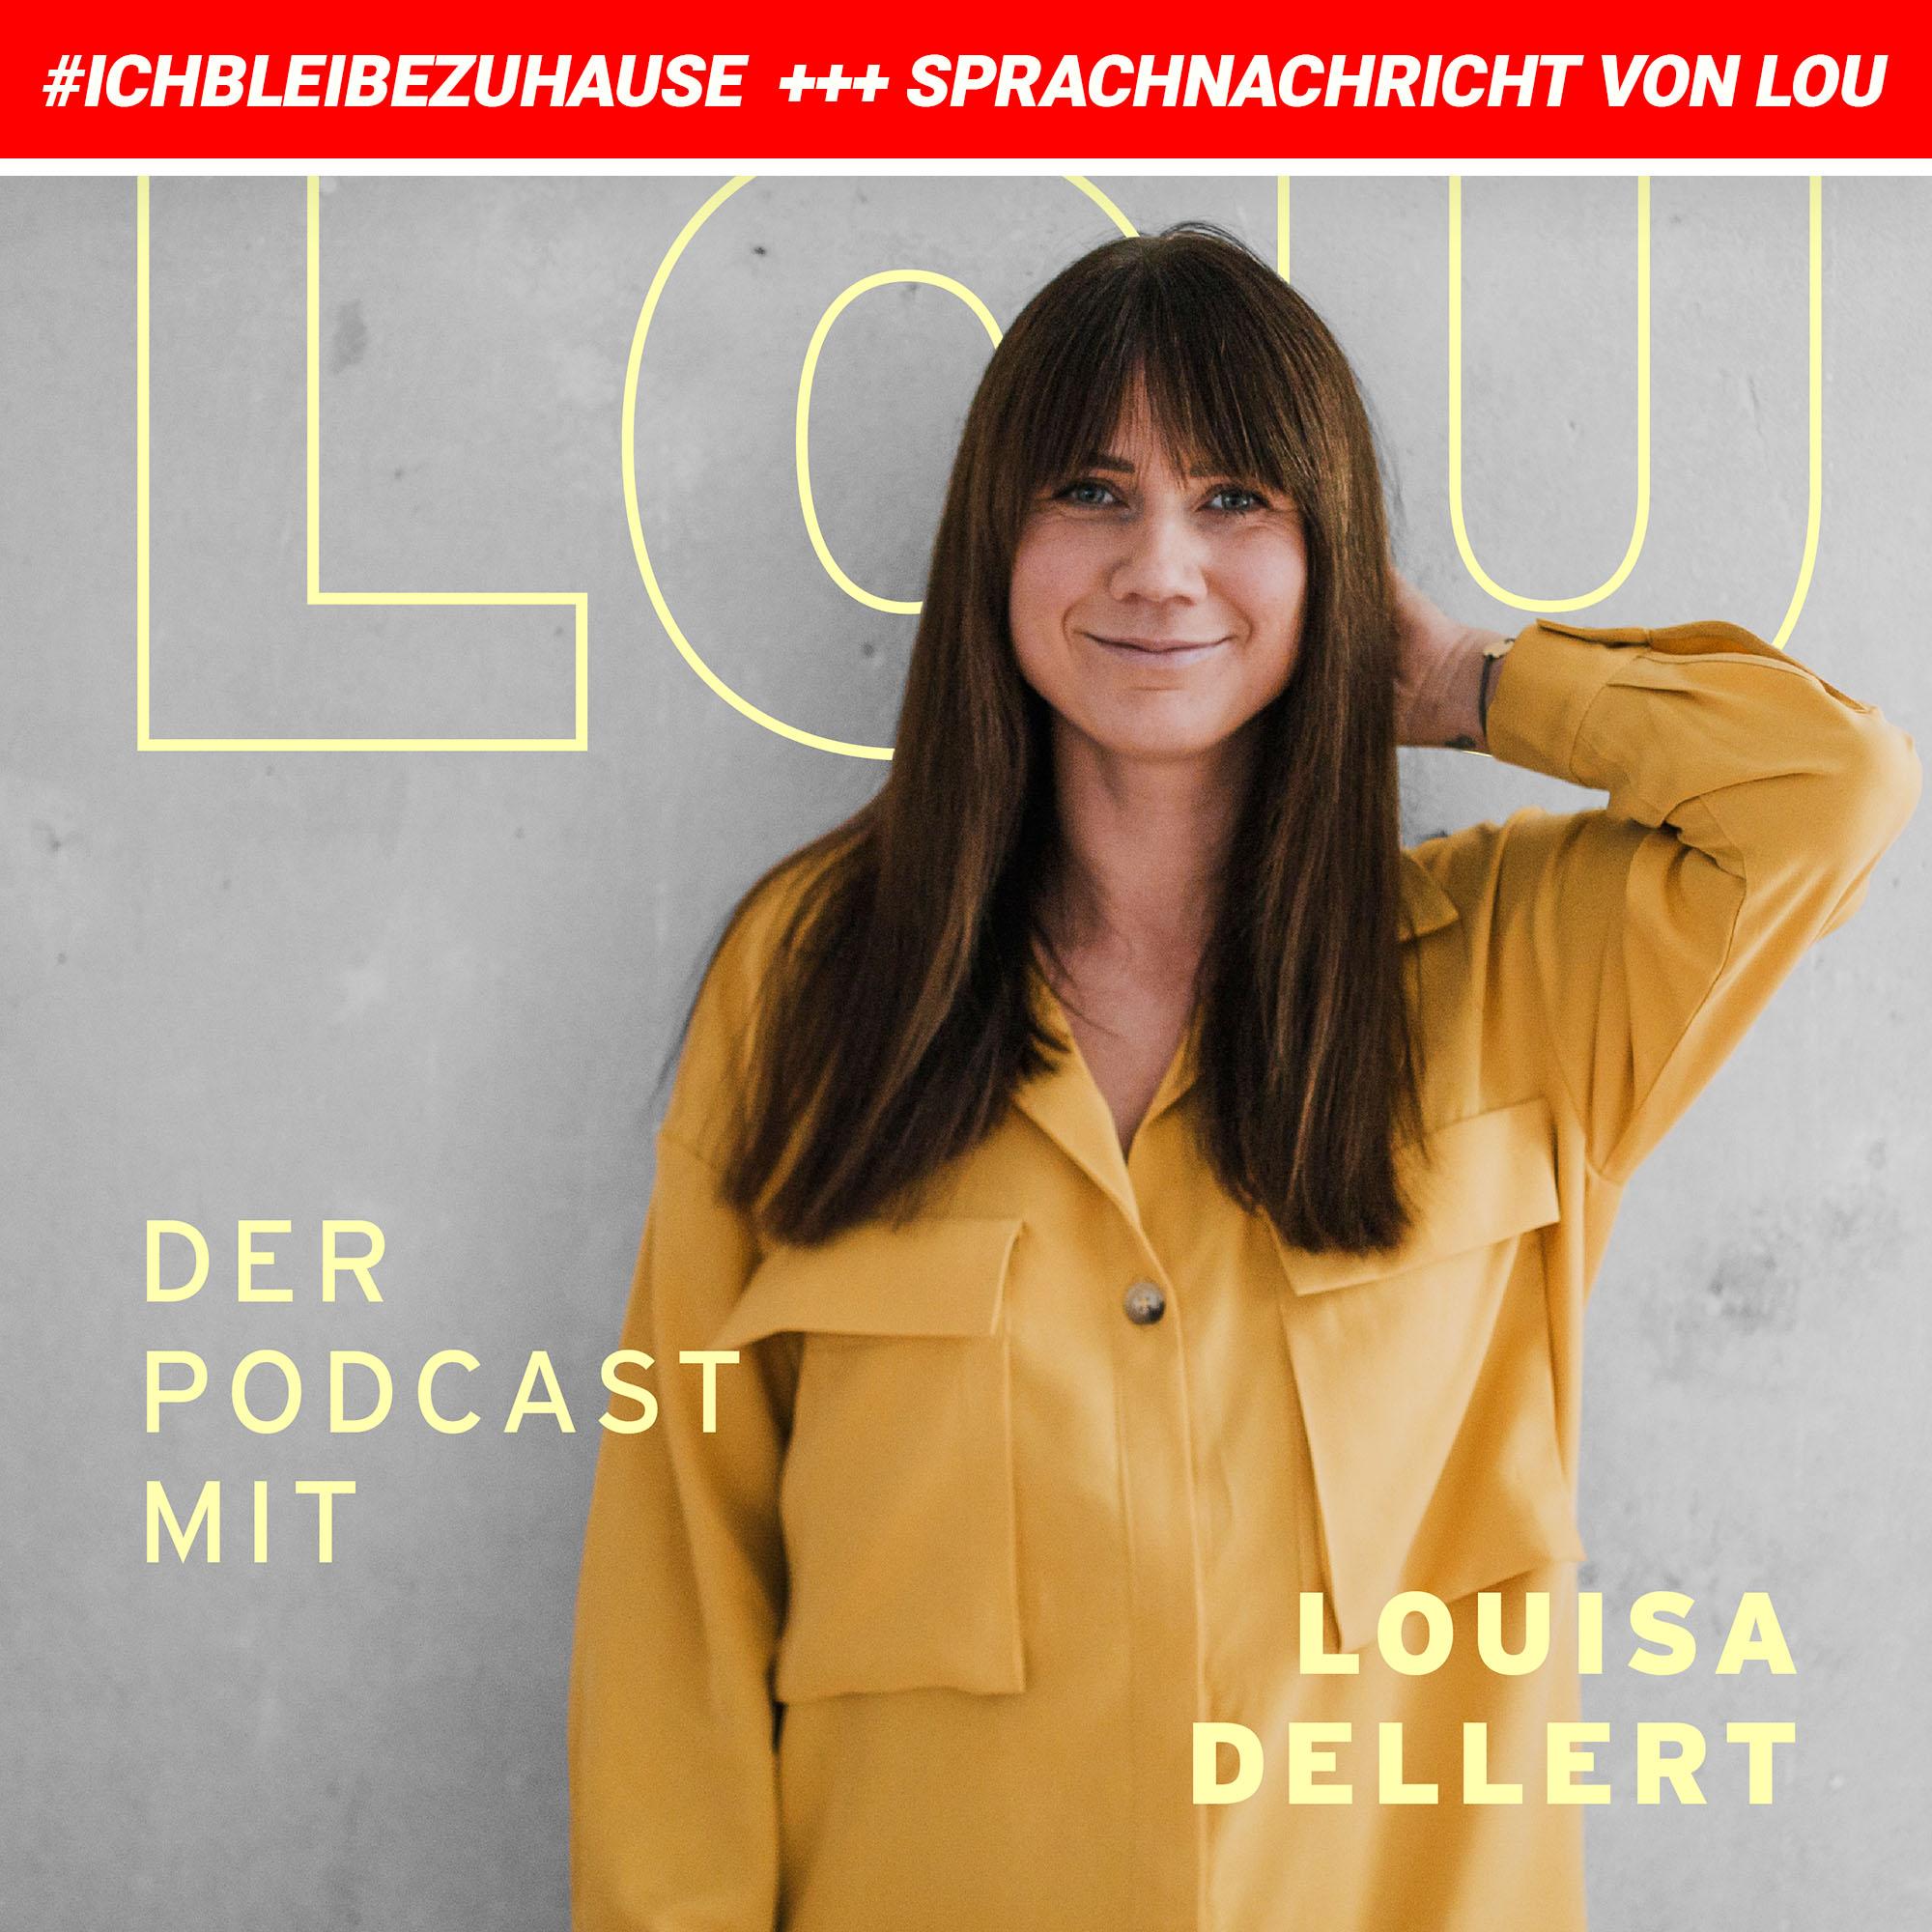 #ichbleibezuhause - Sprachnachricht von Lou Vol. 9